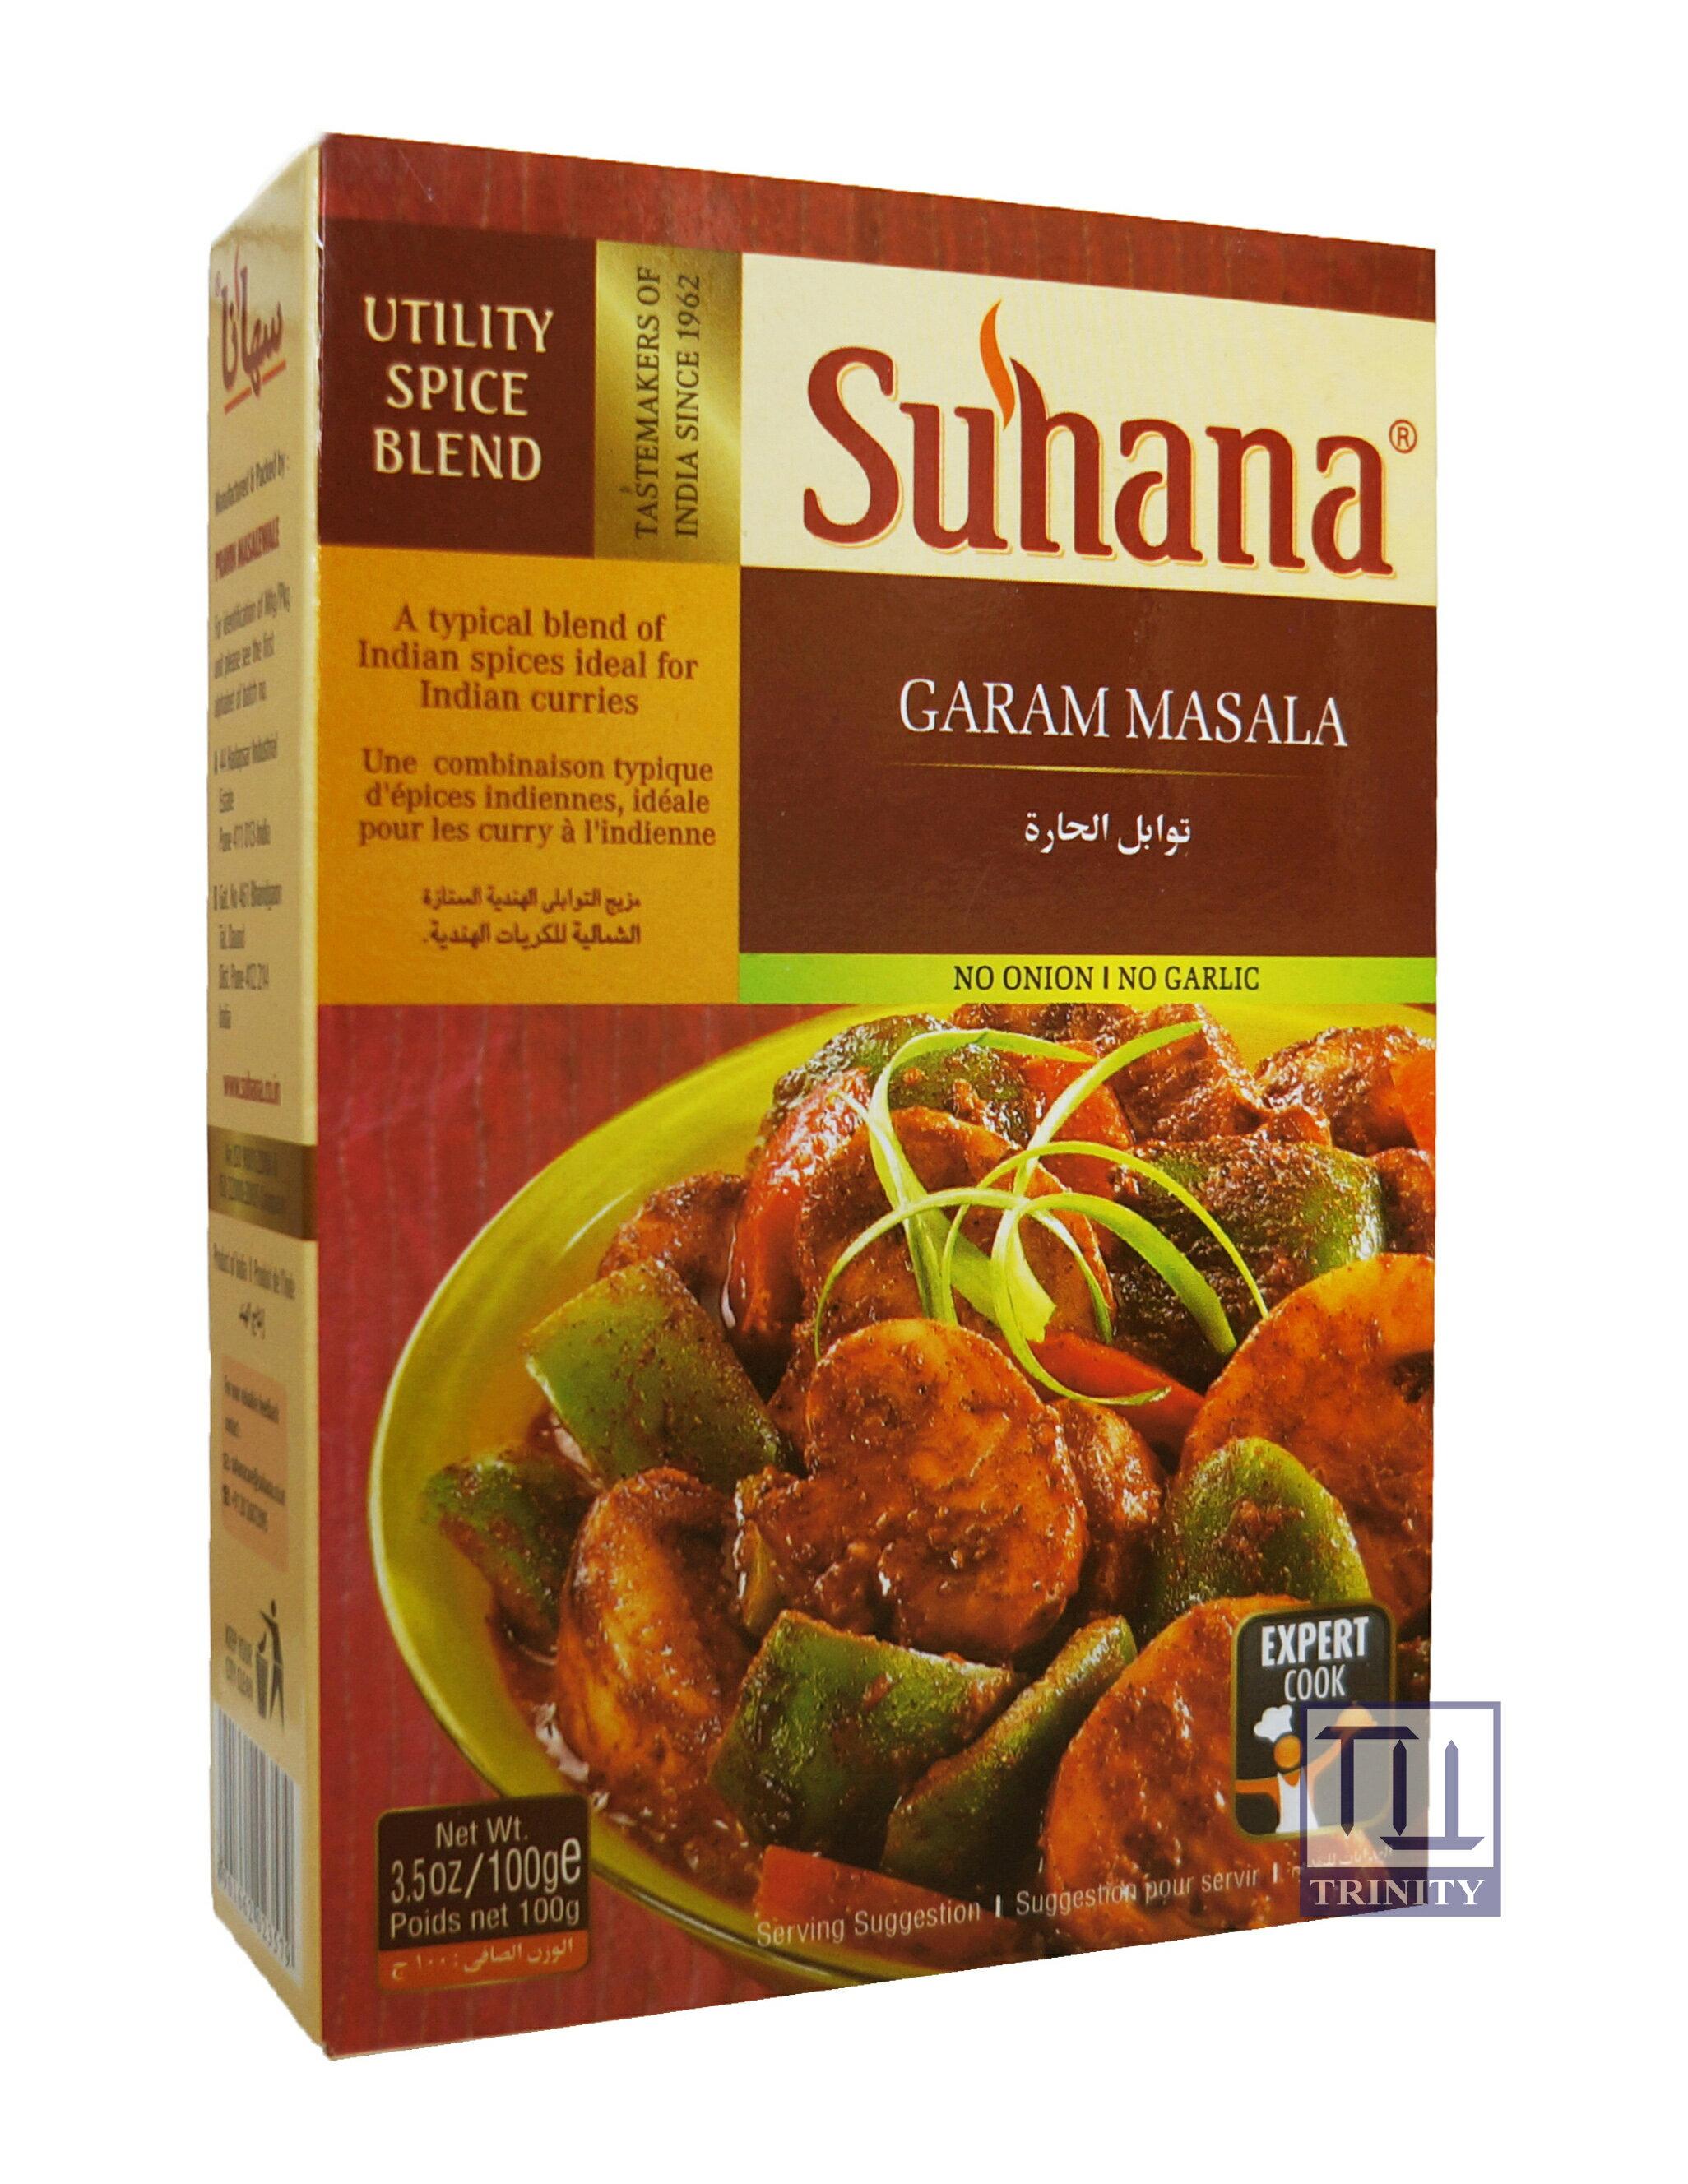 Suhana Garam Masala 印度香料粉 (提味用)